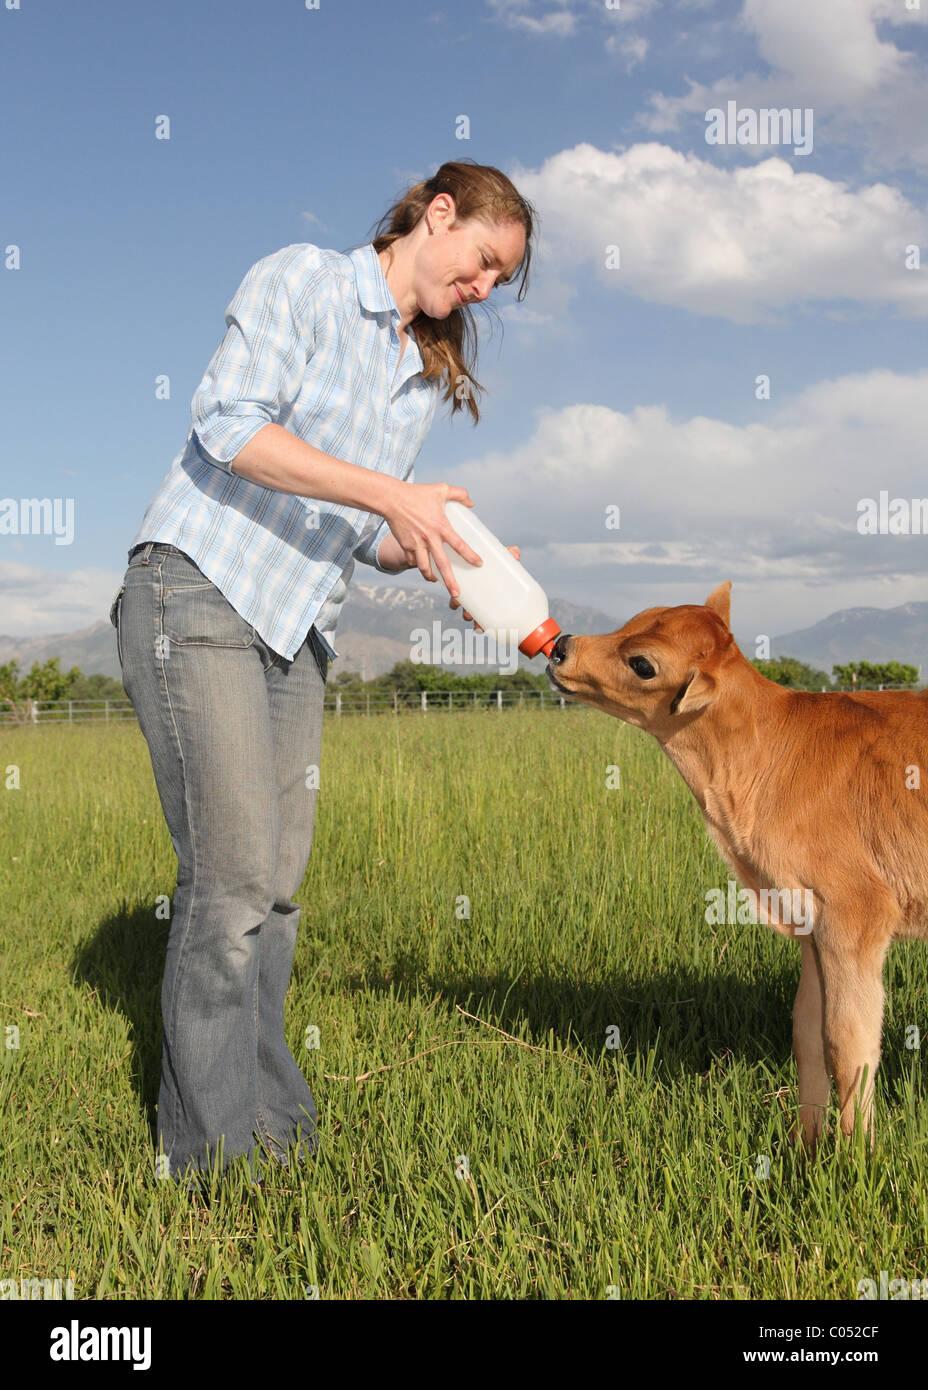 Donna nella sua anni trenta biberon per baby calf Immagini Stock